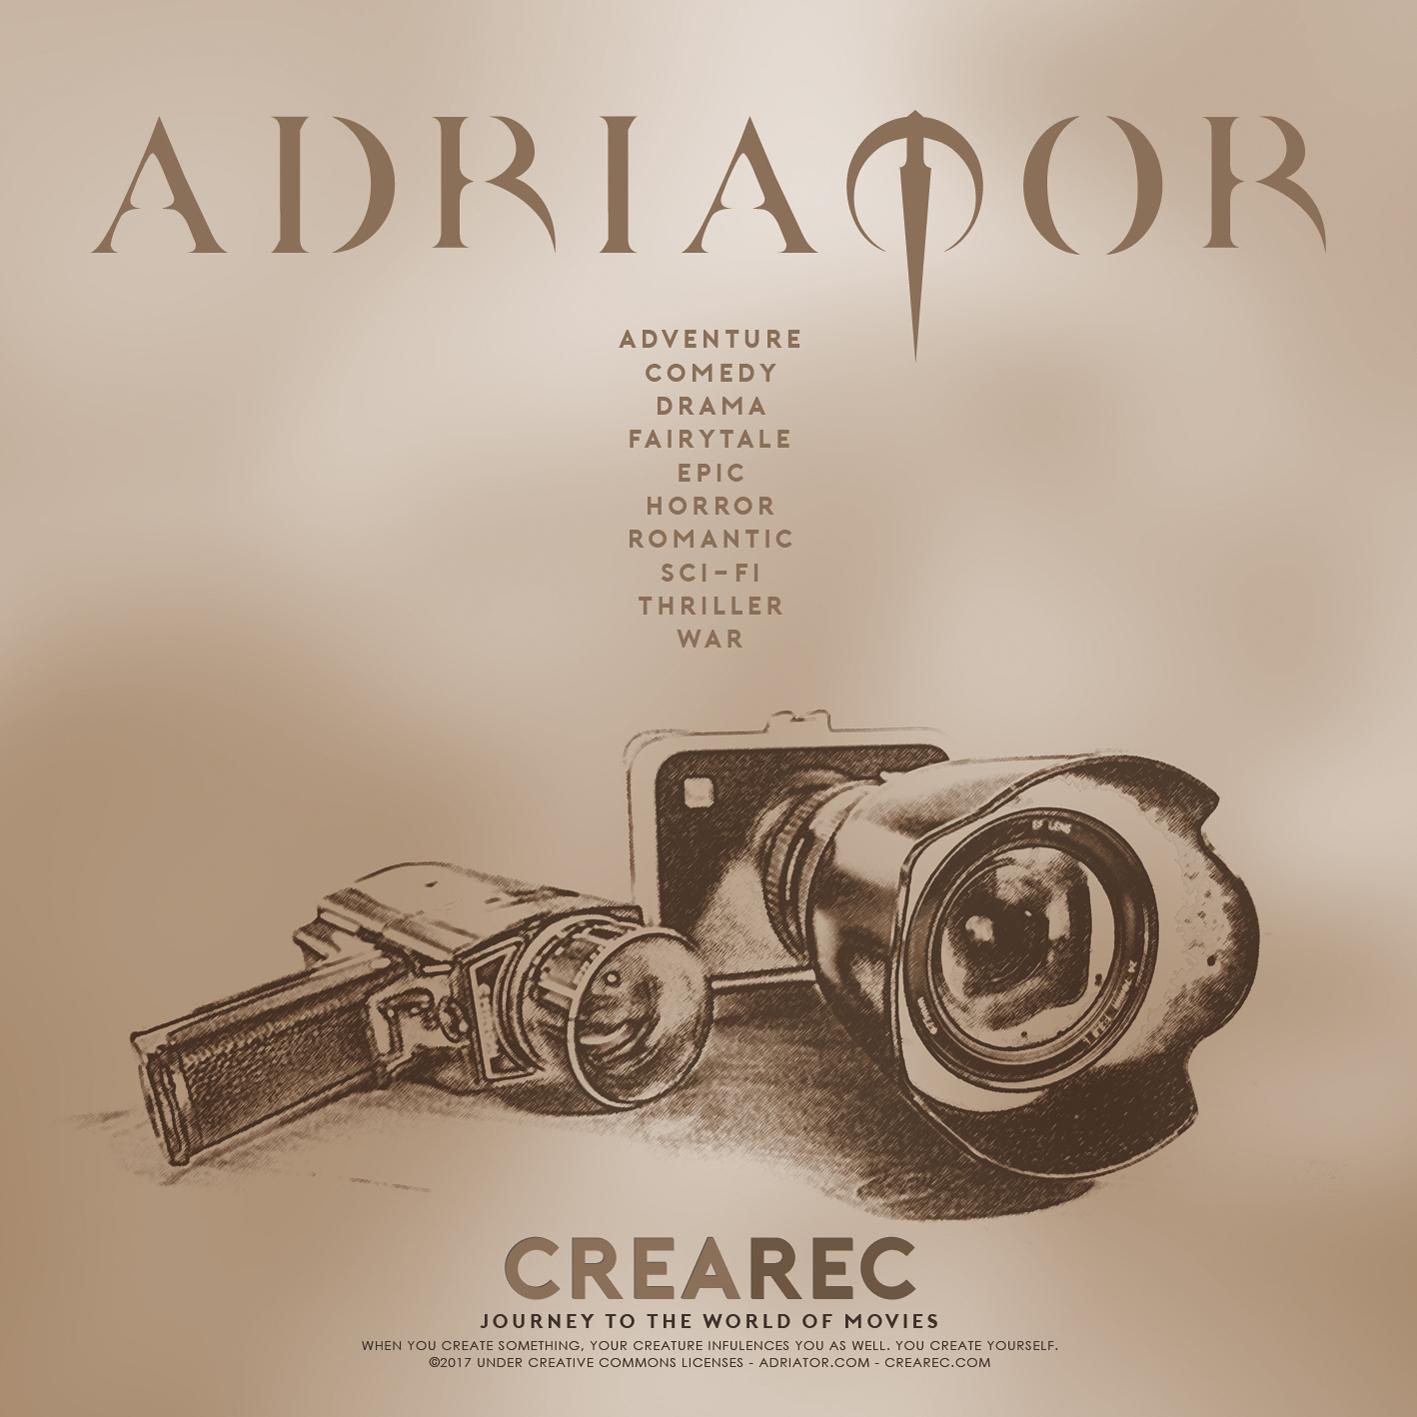 CreaRec - Adriator